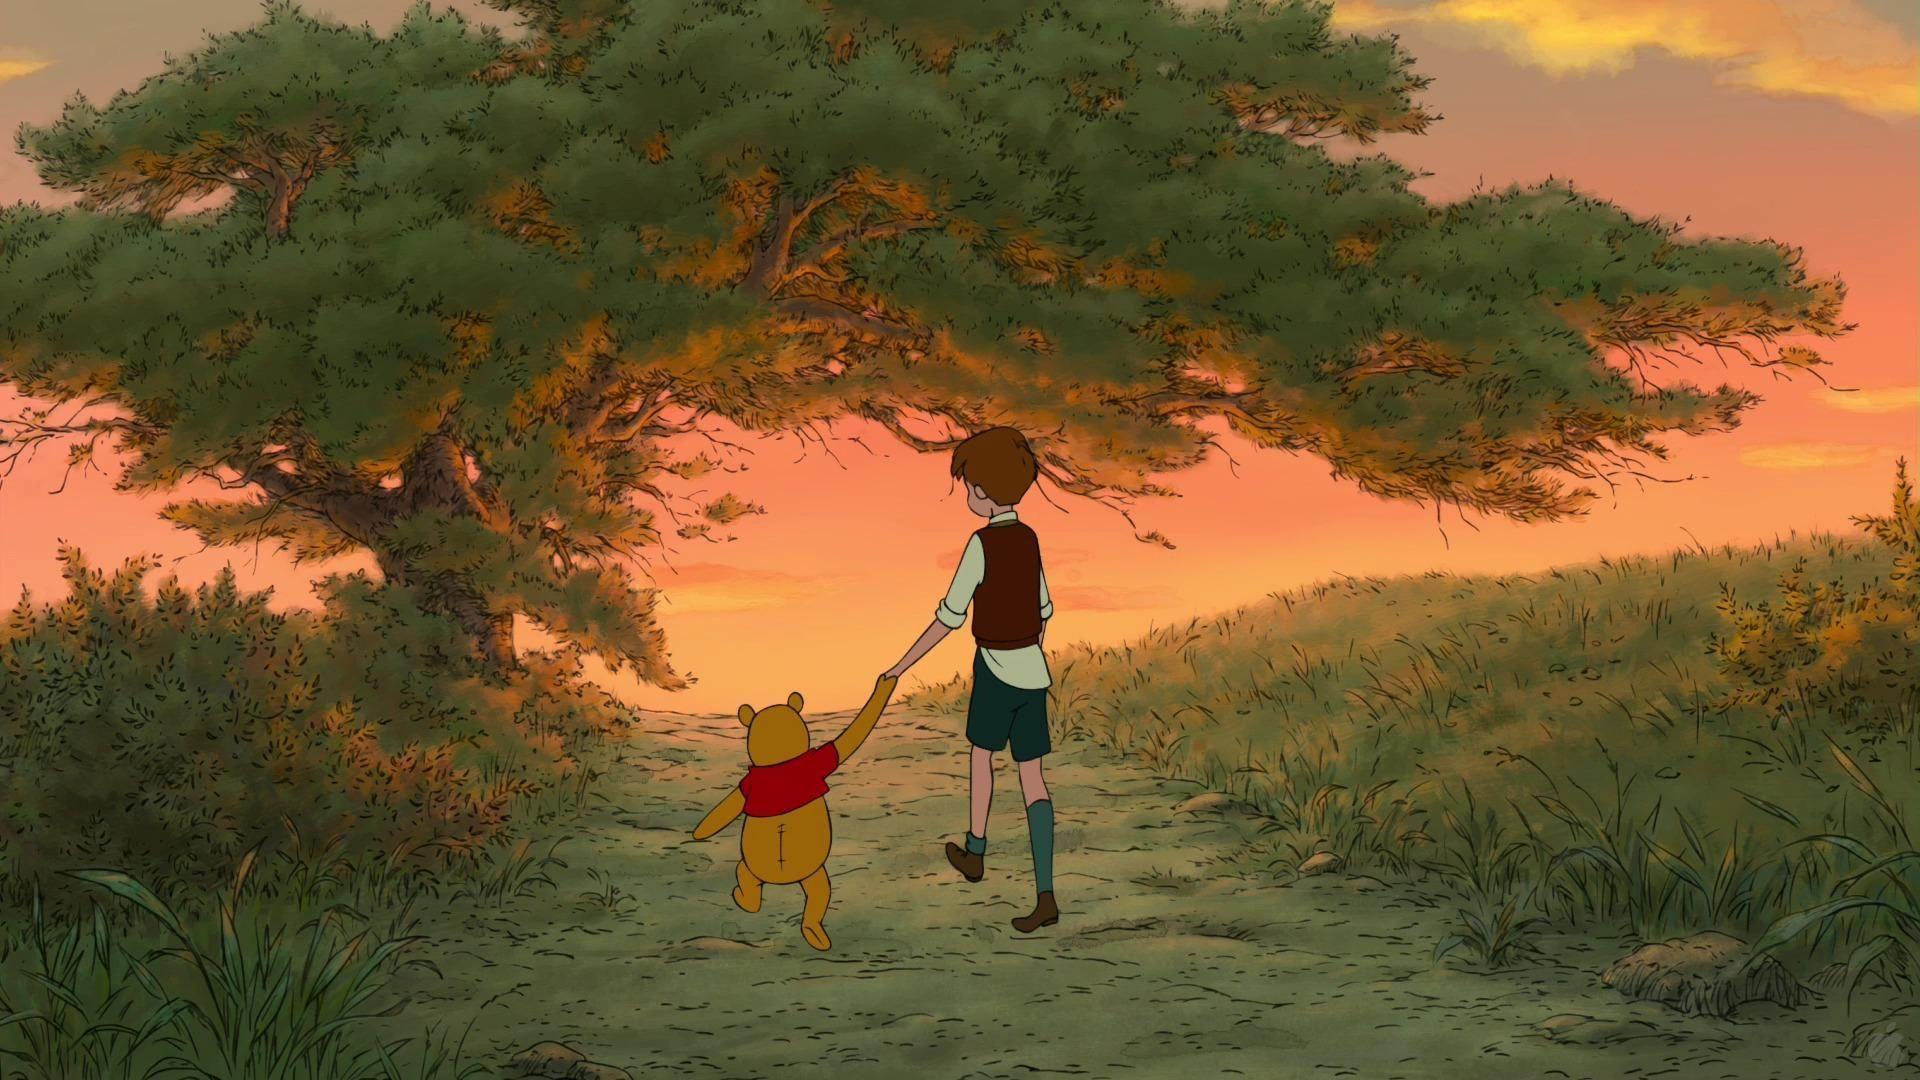 14 Quotes dari Film Disney yang Inspiratif dan Romantis